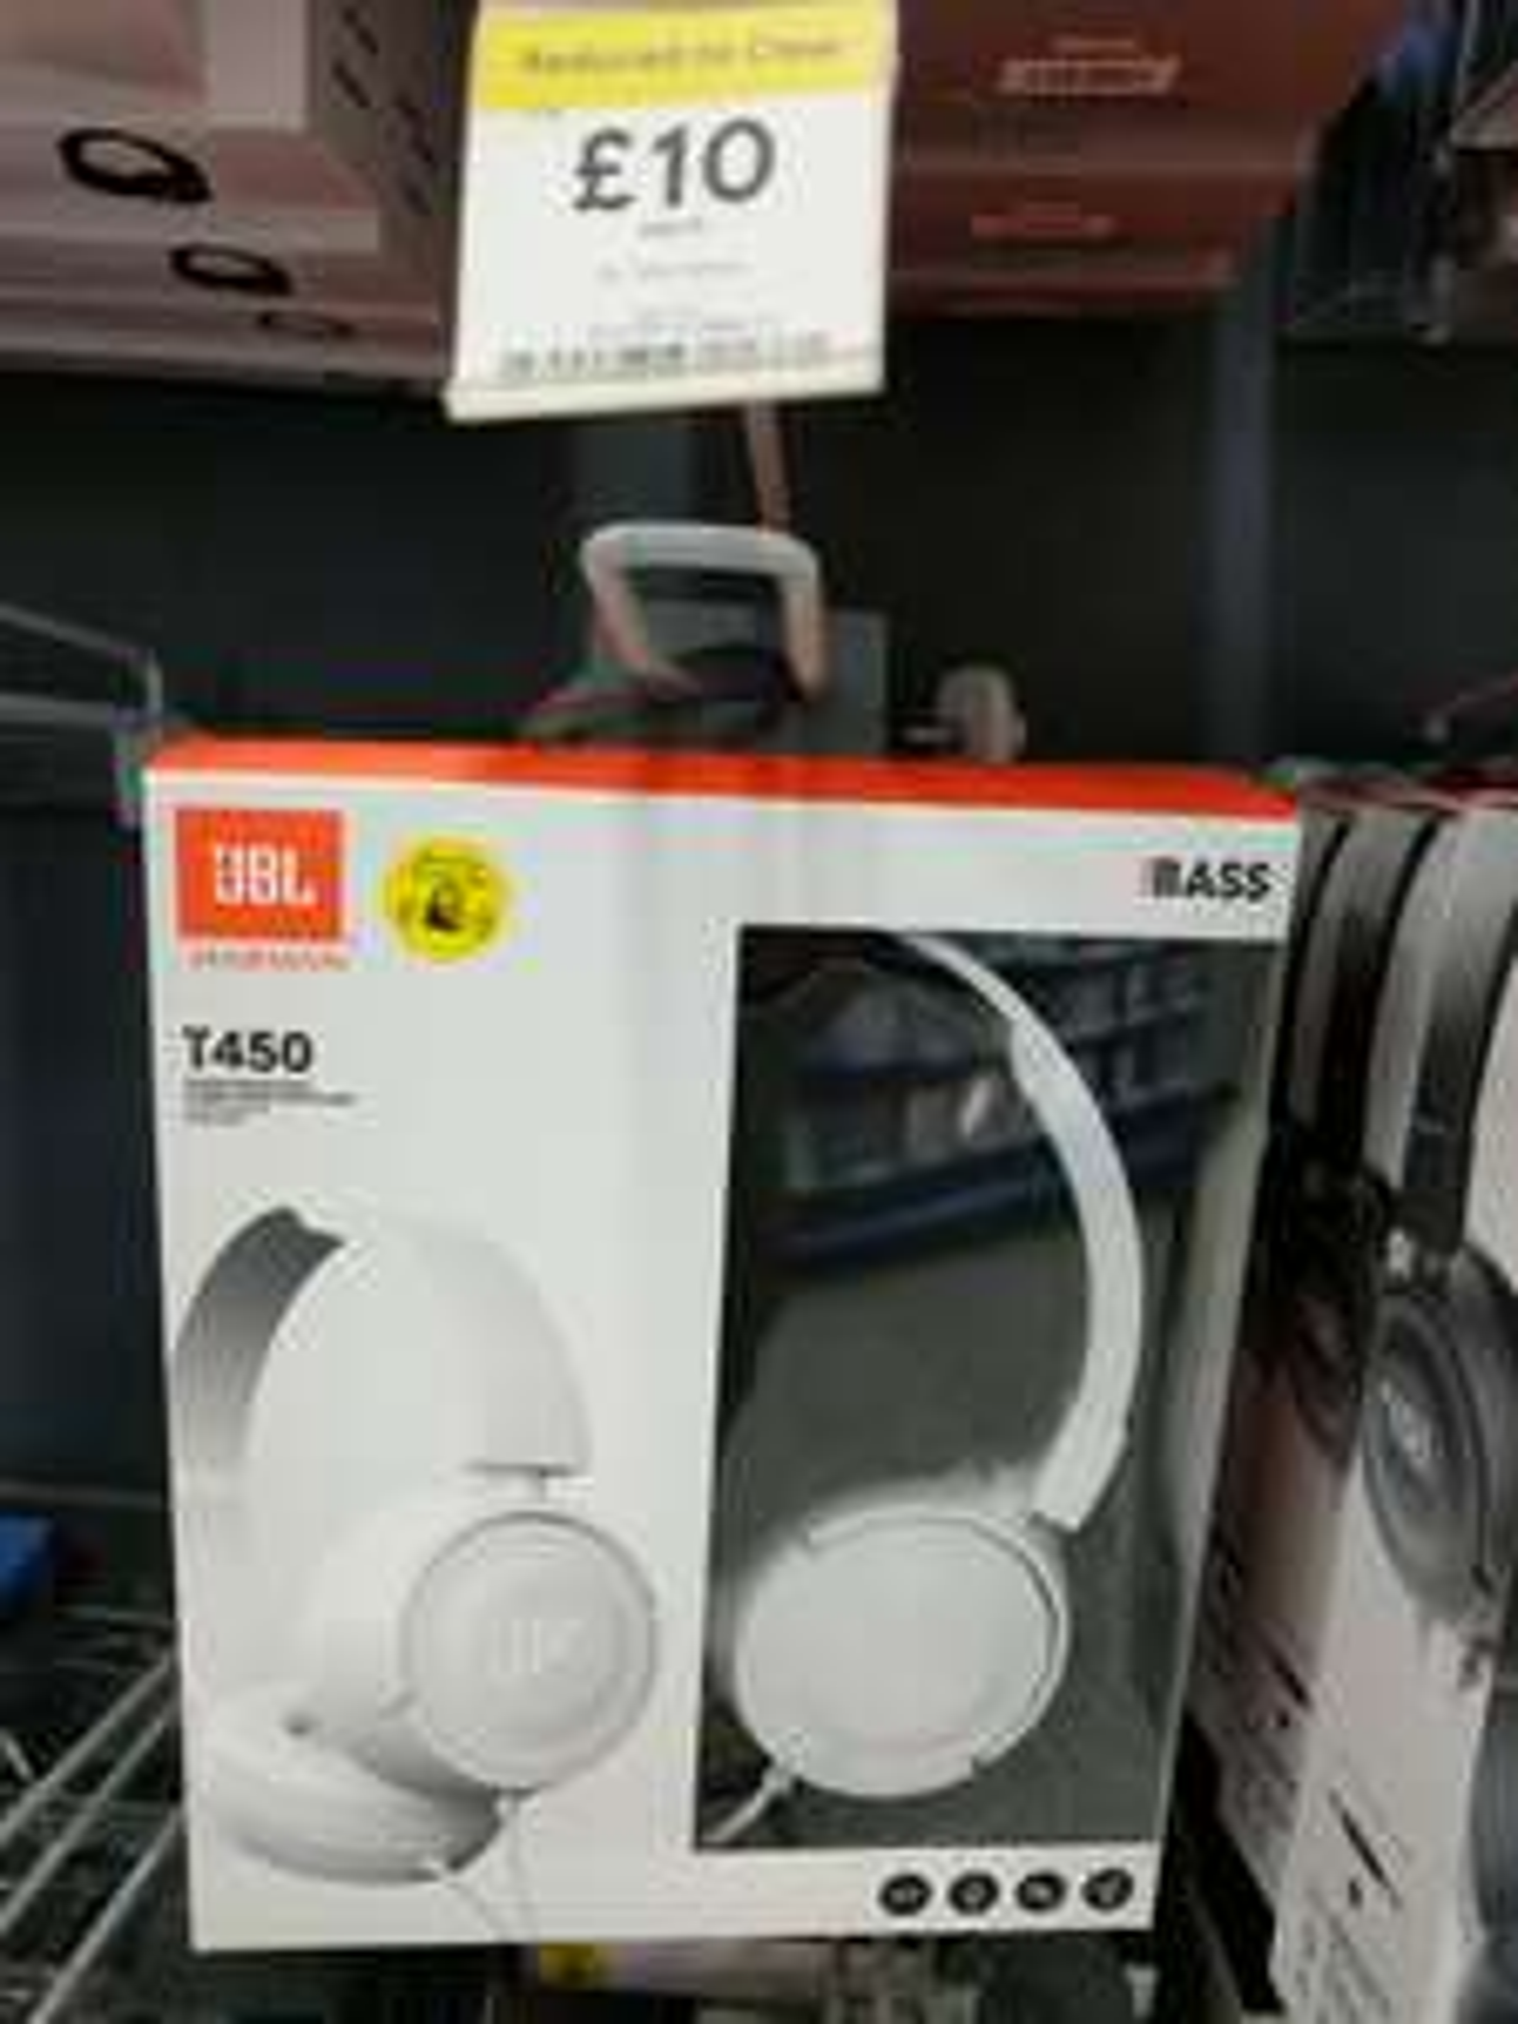 JBL T450 headphones in white £10 Tesco instore